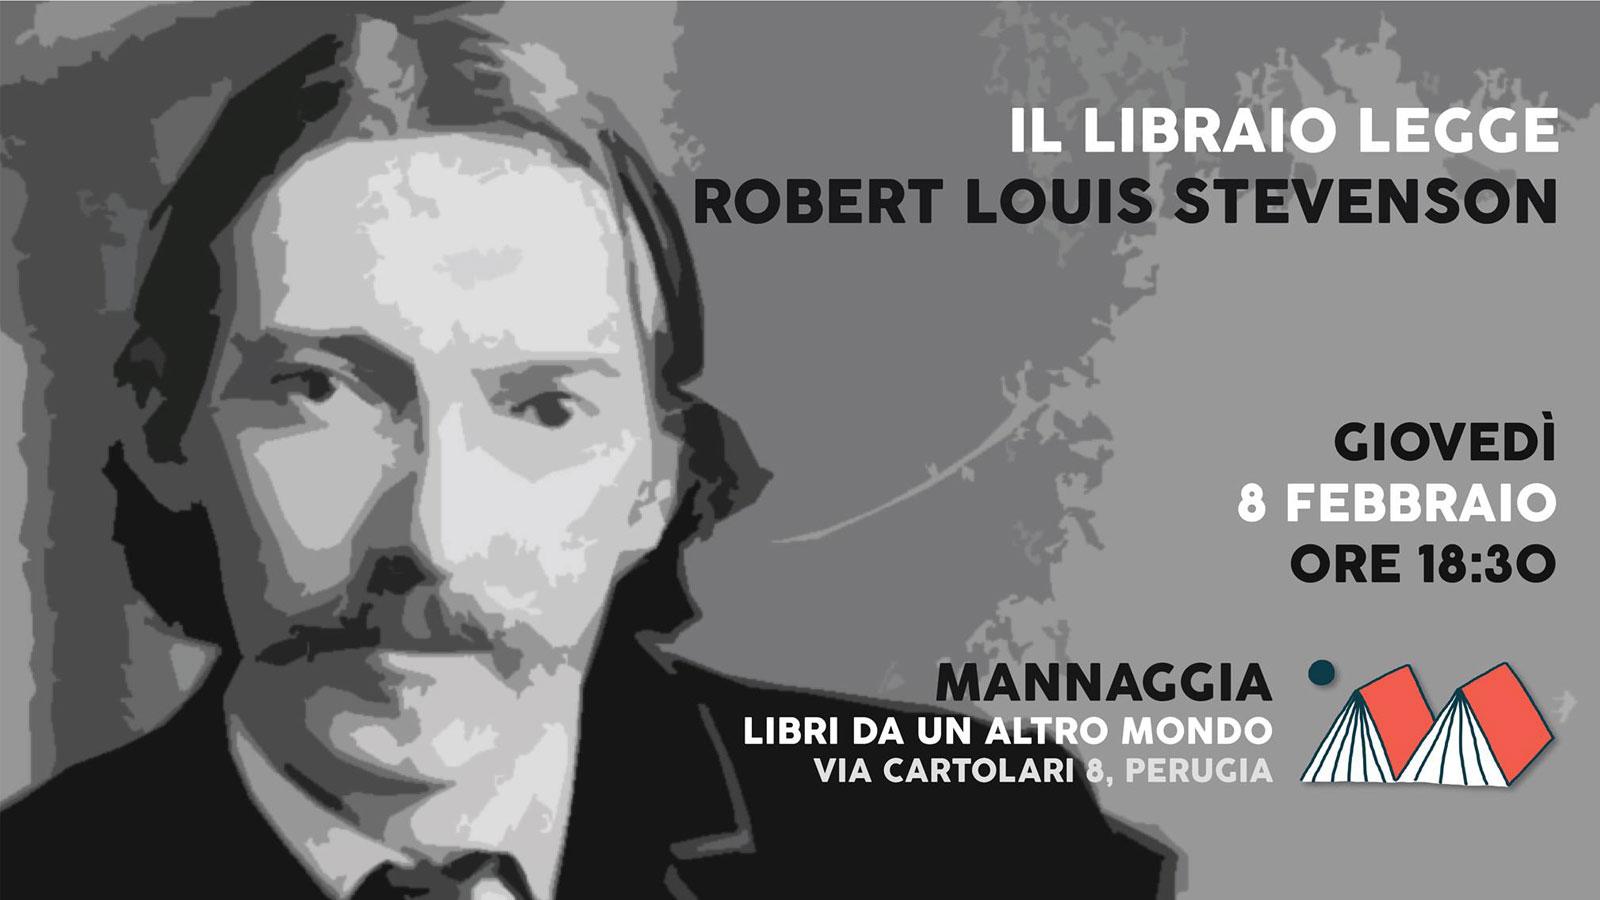 Il libraio legge Robert Louis Stevenson